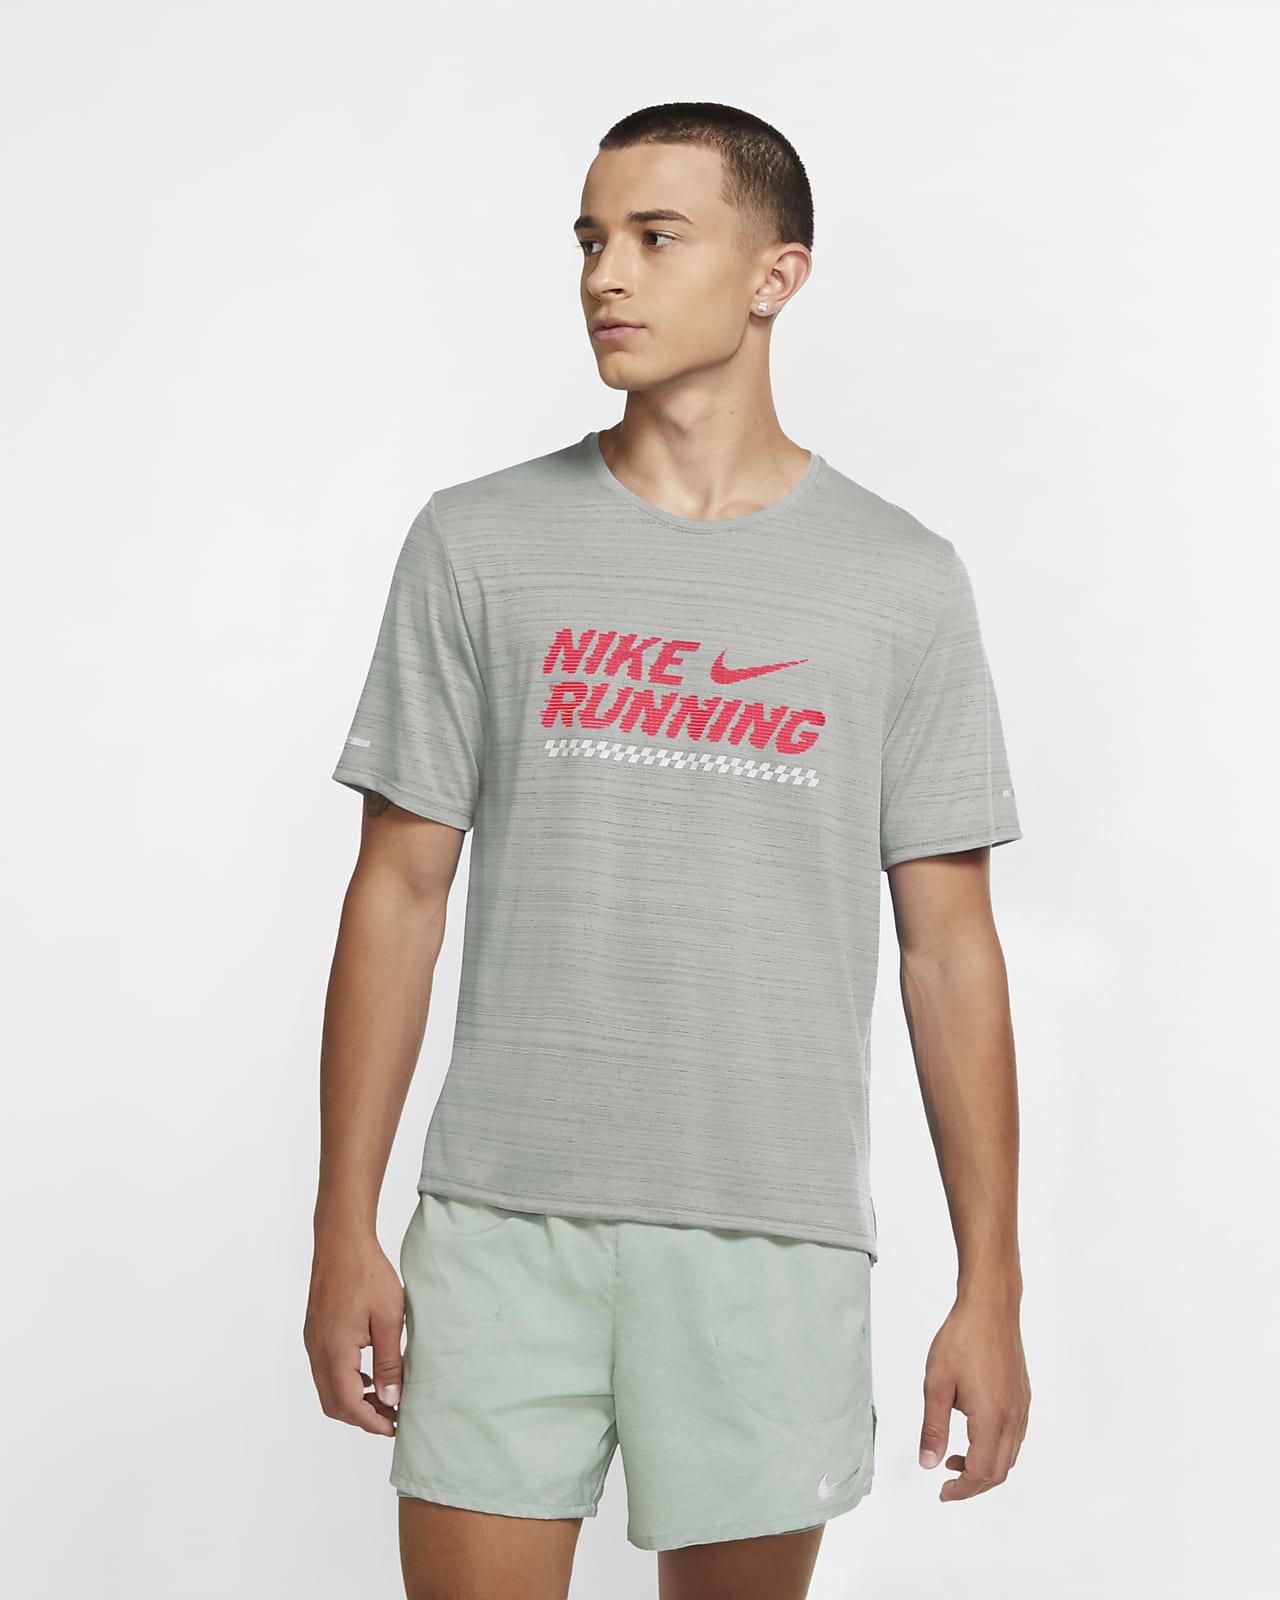 เสื้อวิ่งผู้ชาย Nike Miler Future Fast